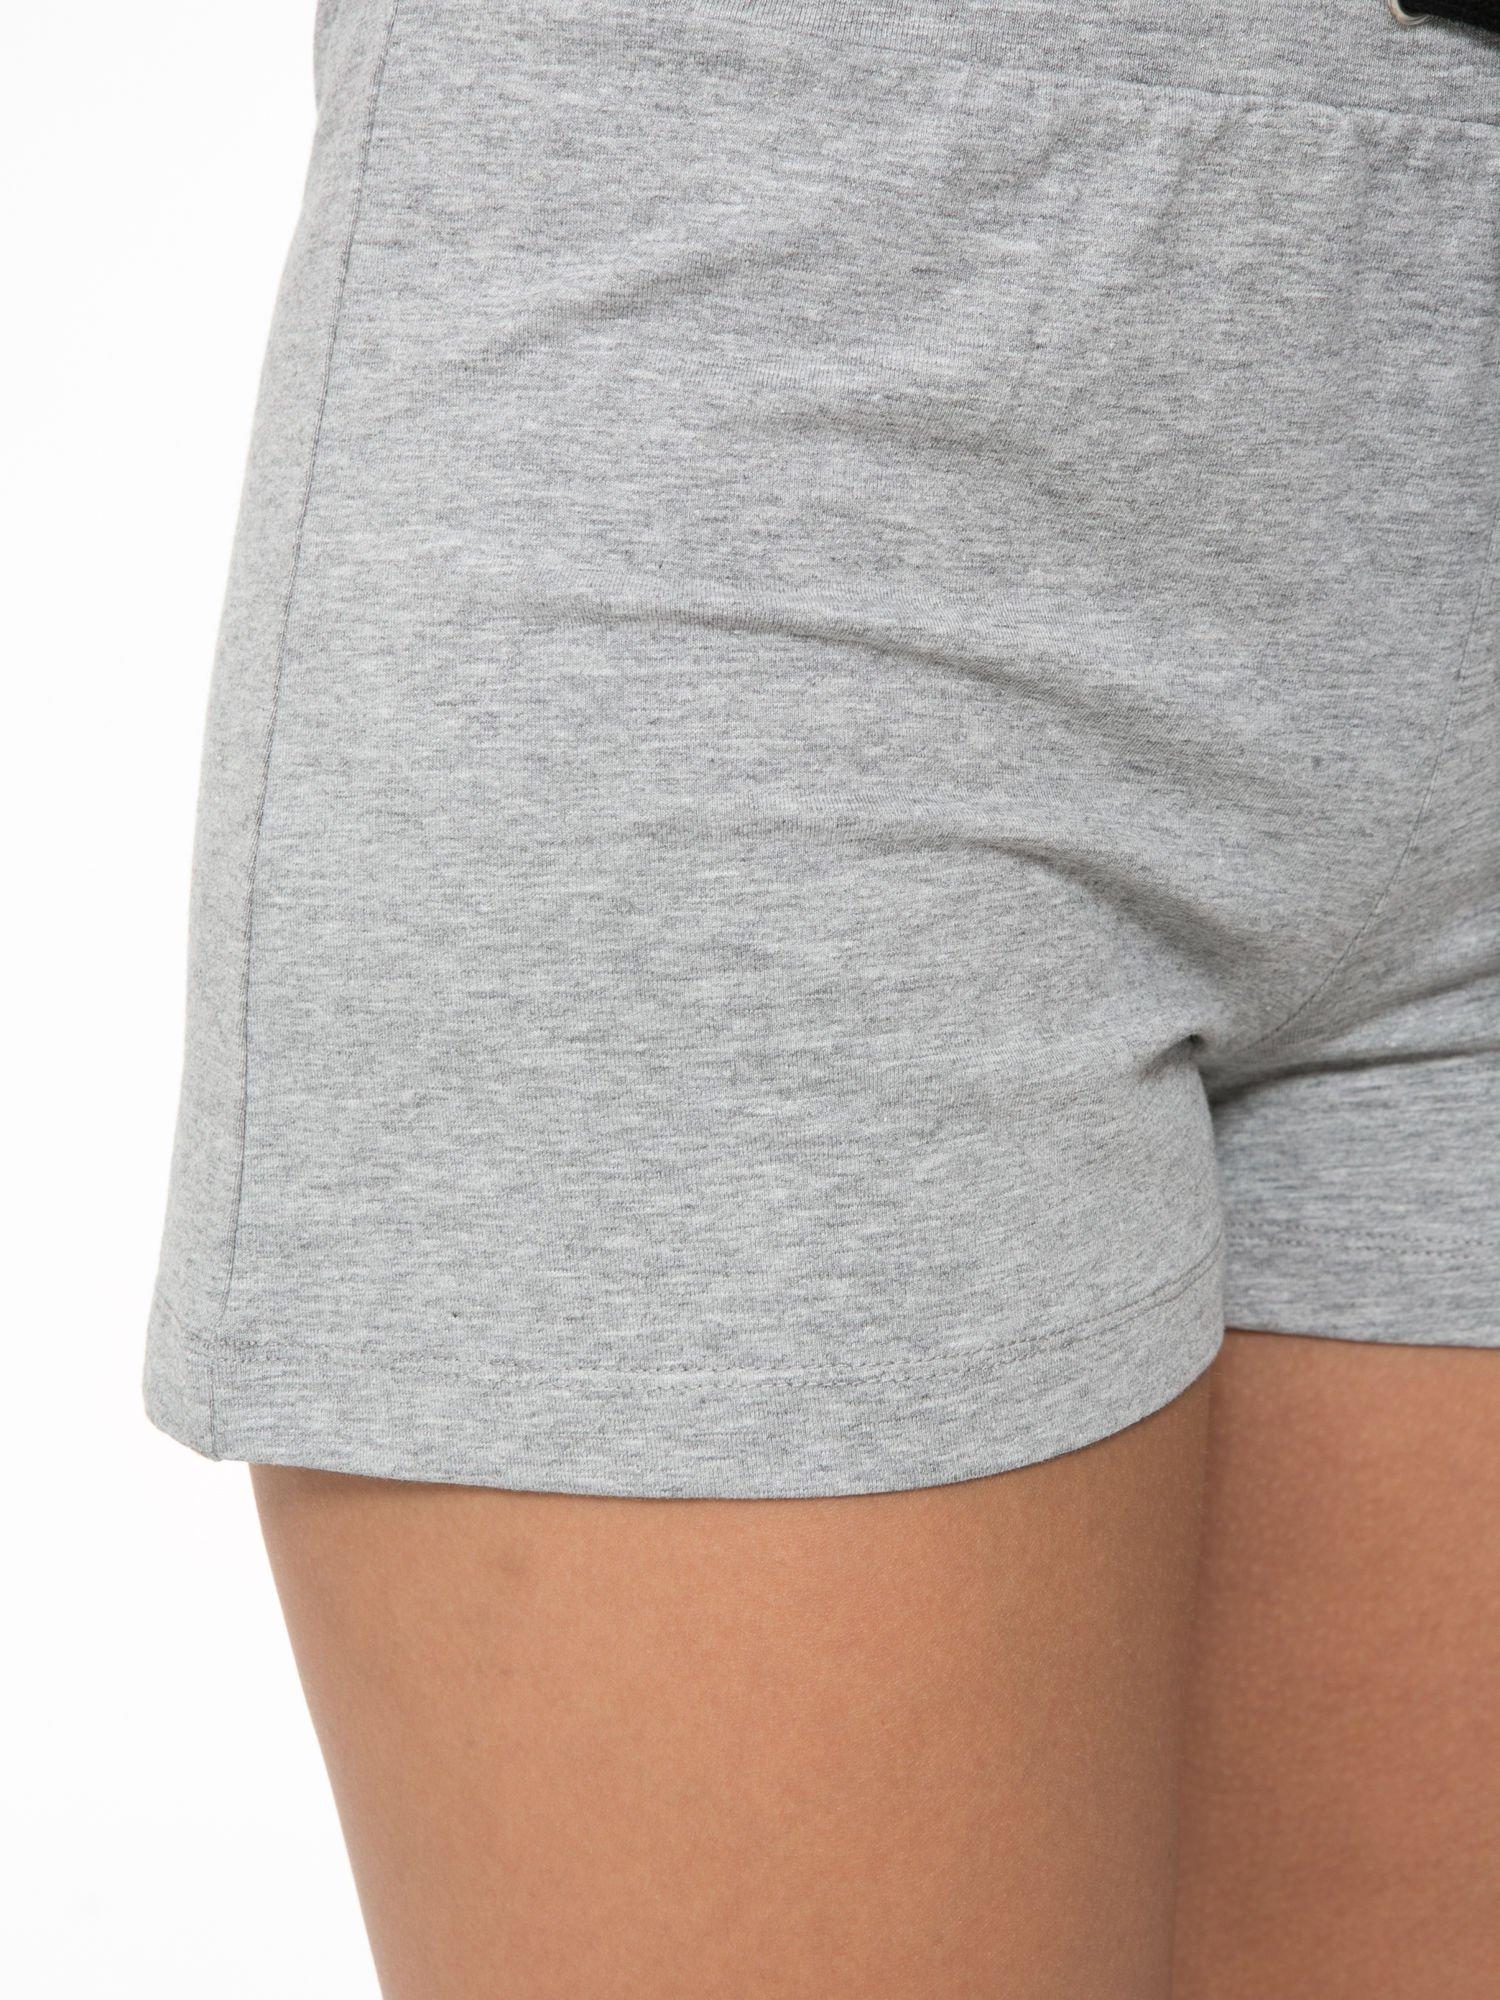 Szare spodnie dresowe damskie z suwakiem i kontrastowymi wstawkami po bokach                                  zdj.                                  6